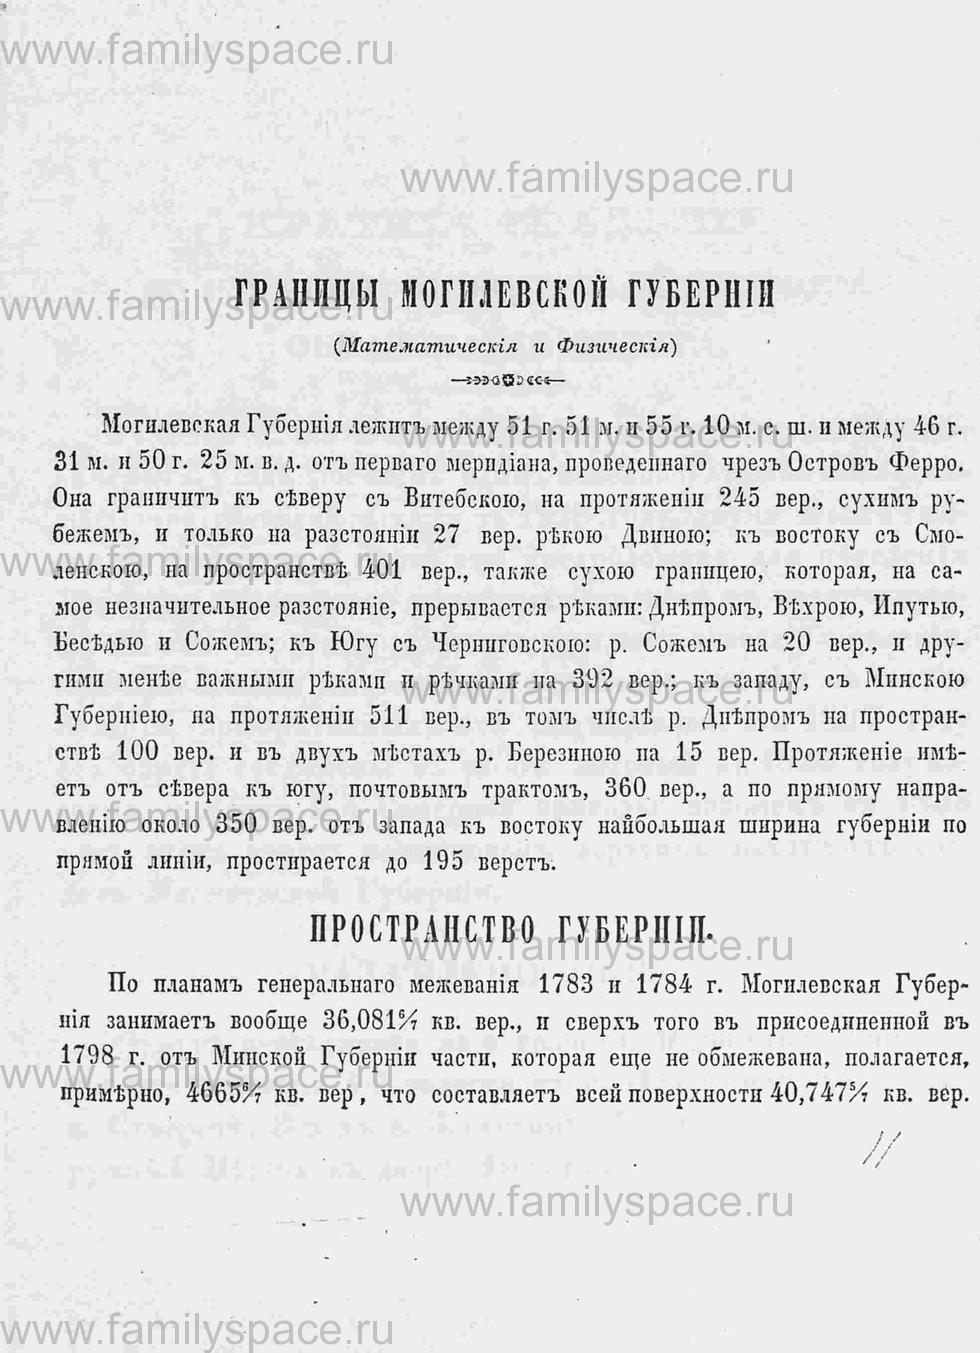 Поиск по фамилии - Памятная книга за 1853 год по Могилёвской губернии, страница 23